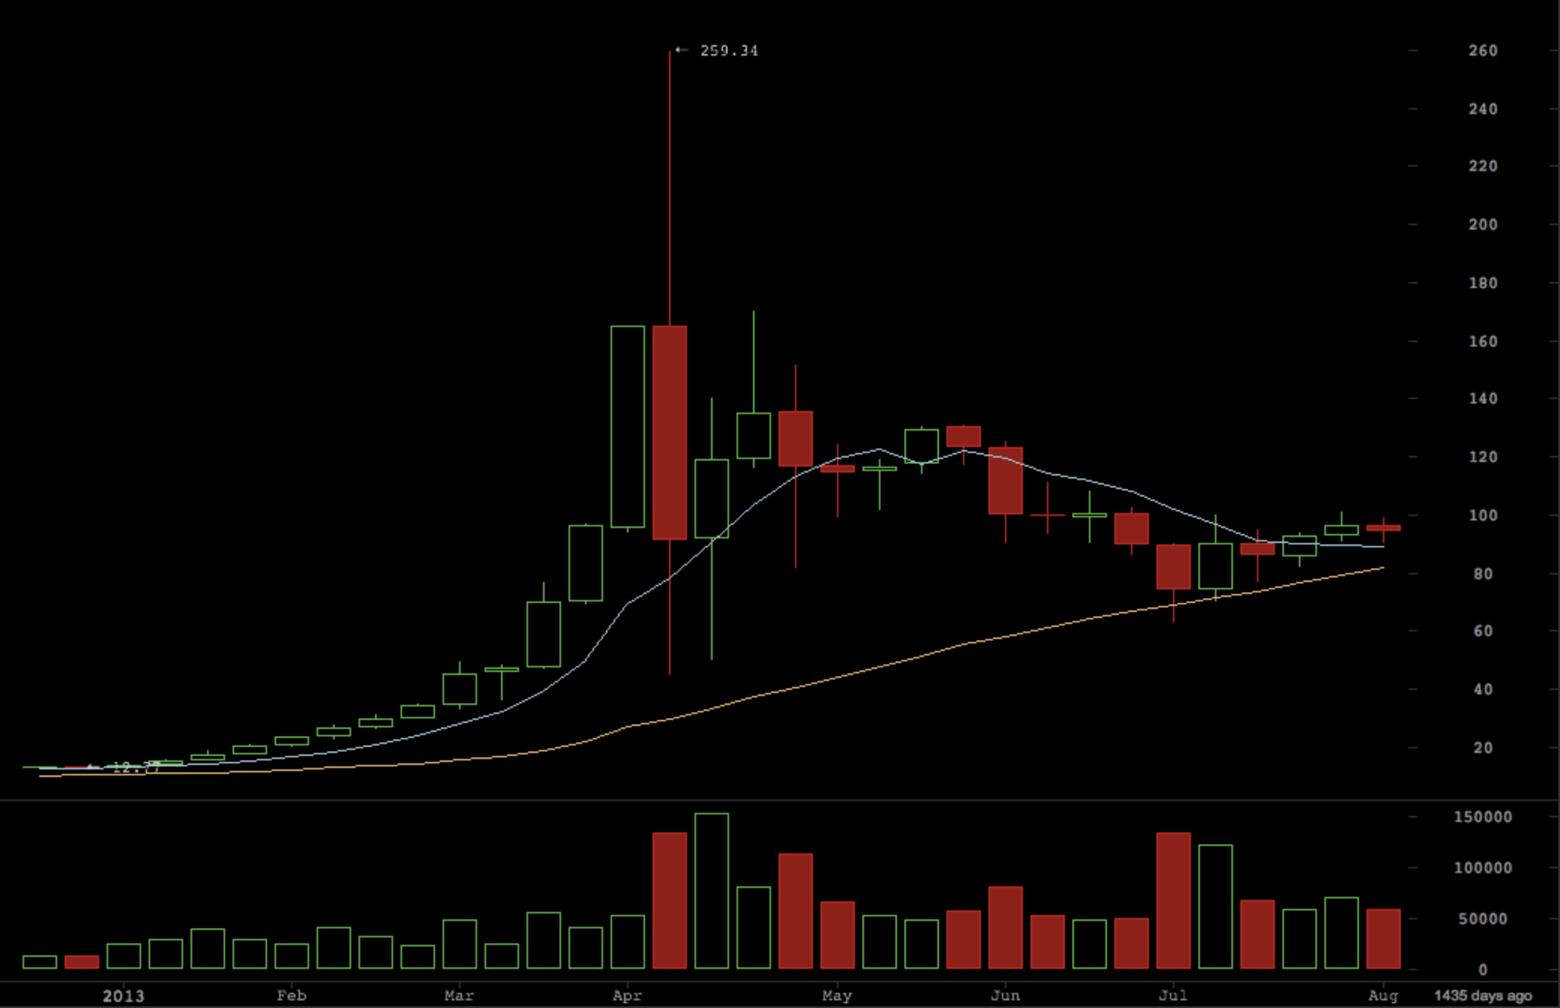 Bitcoin bubble in April 2013